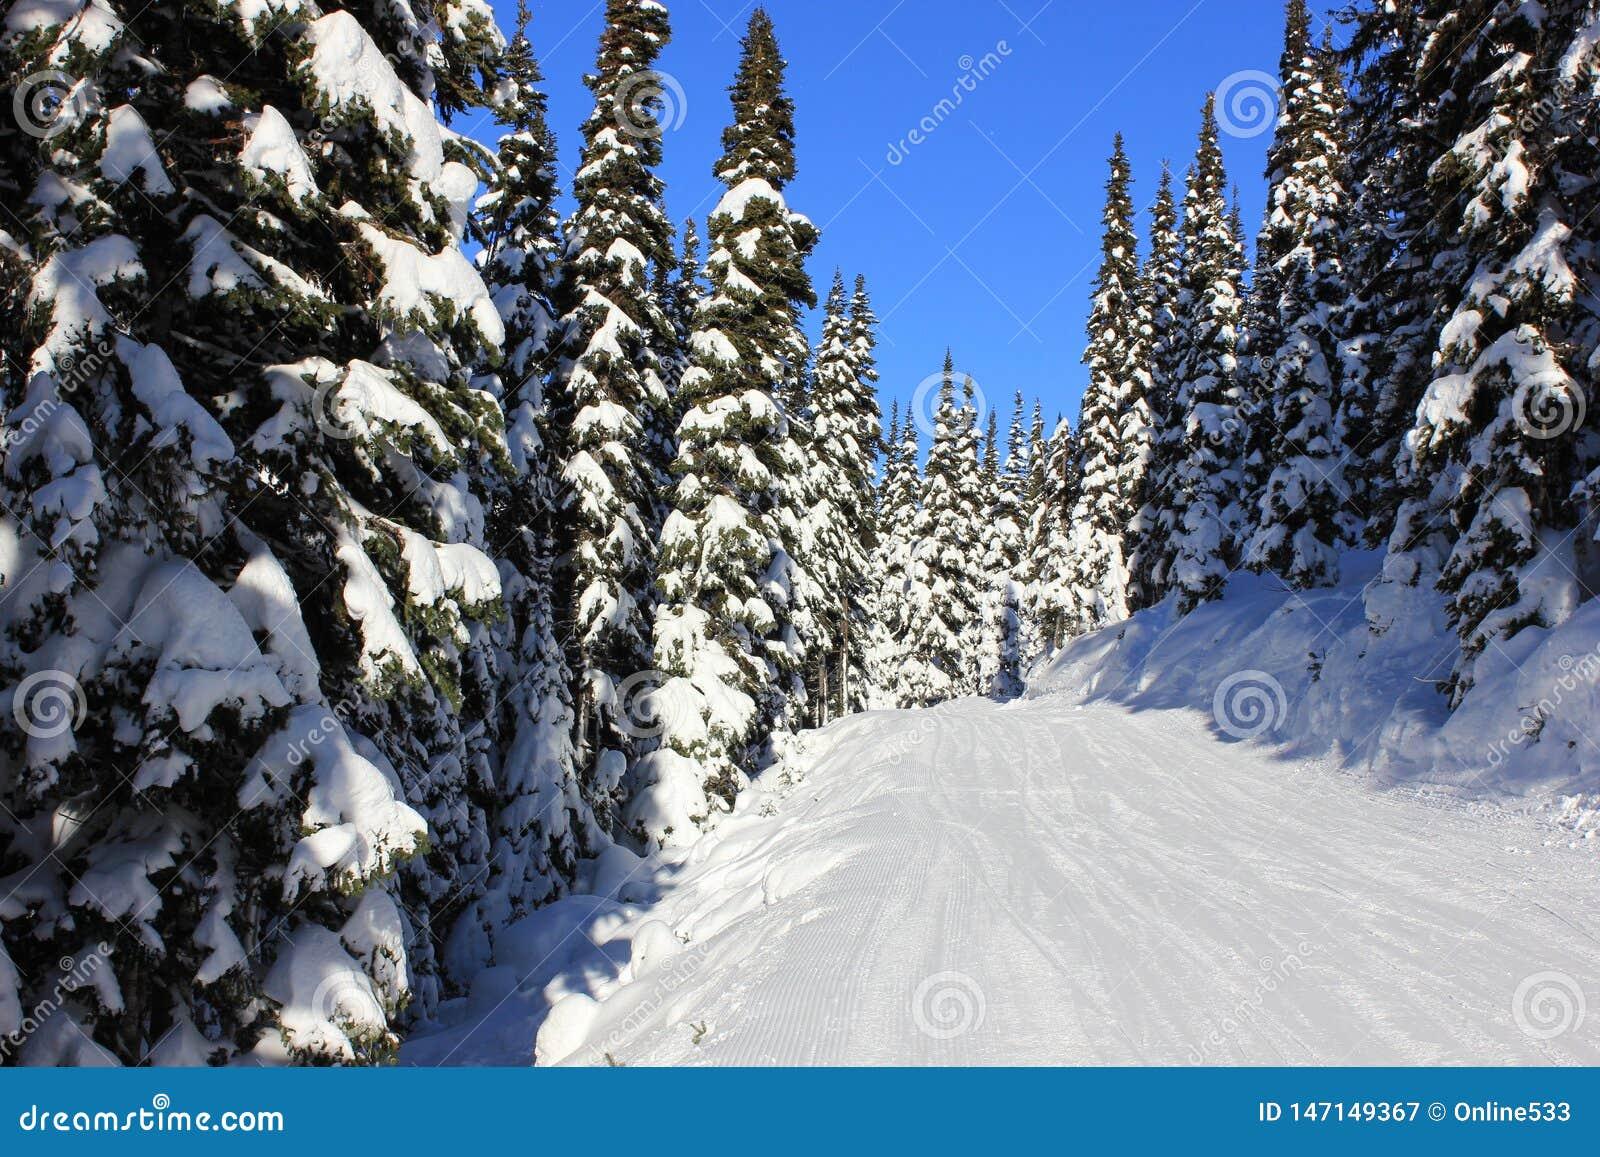 Χιονώδες δάσος το χειμώνα μια ηλιόλουστη ημέρα